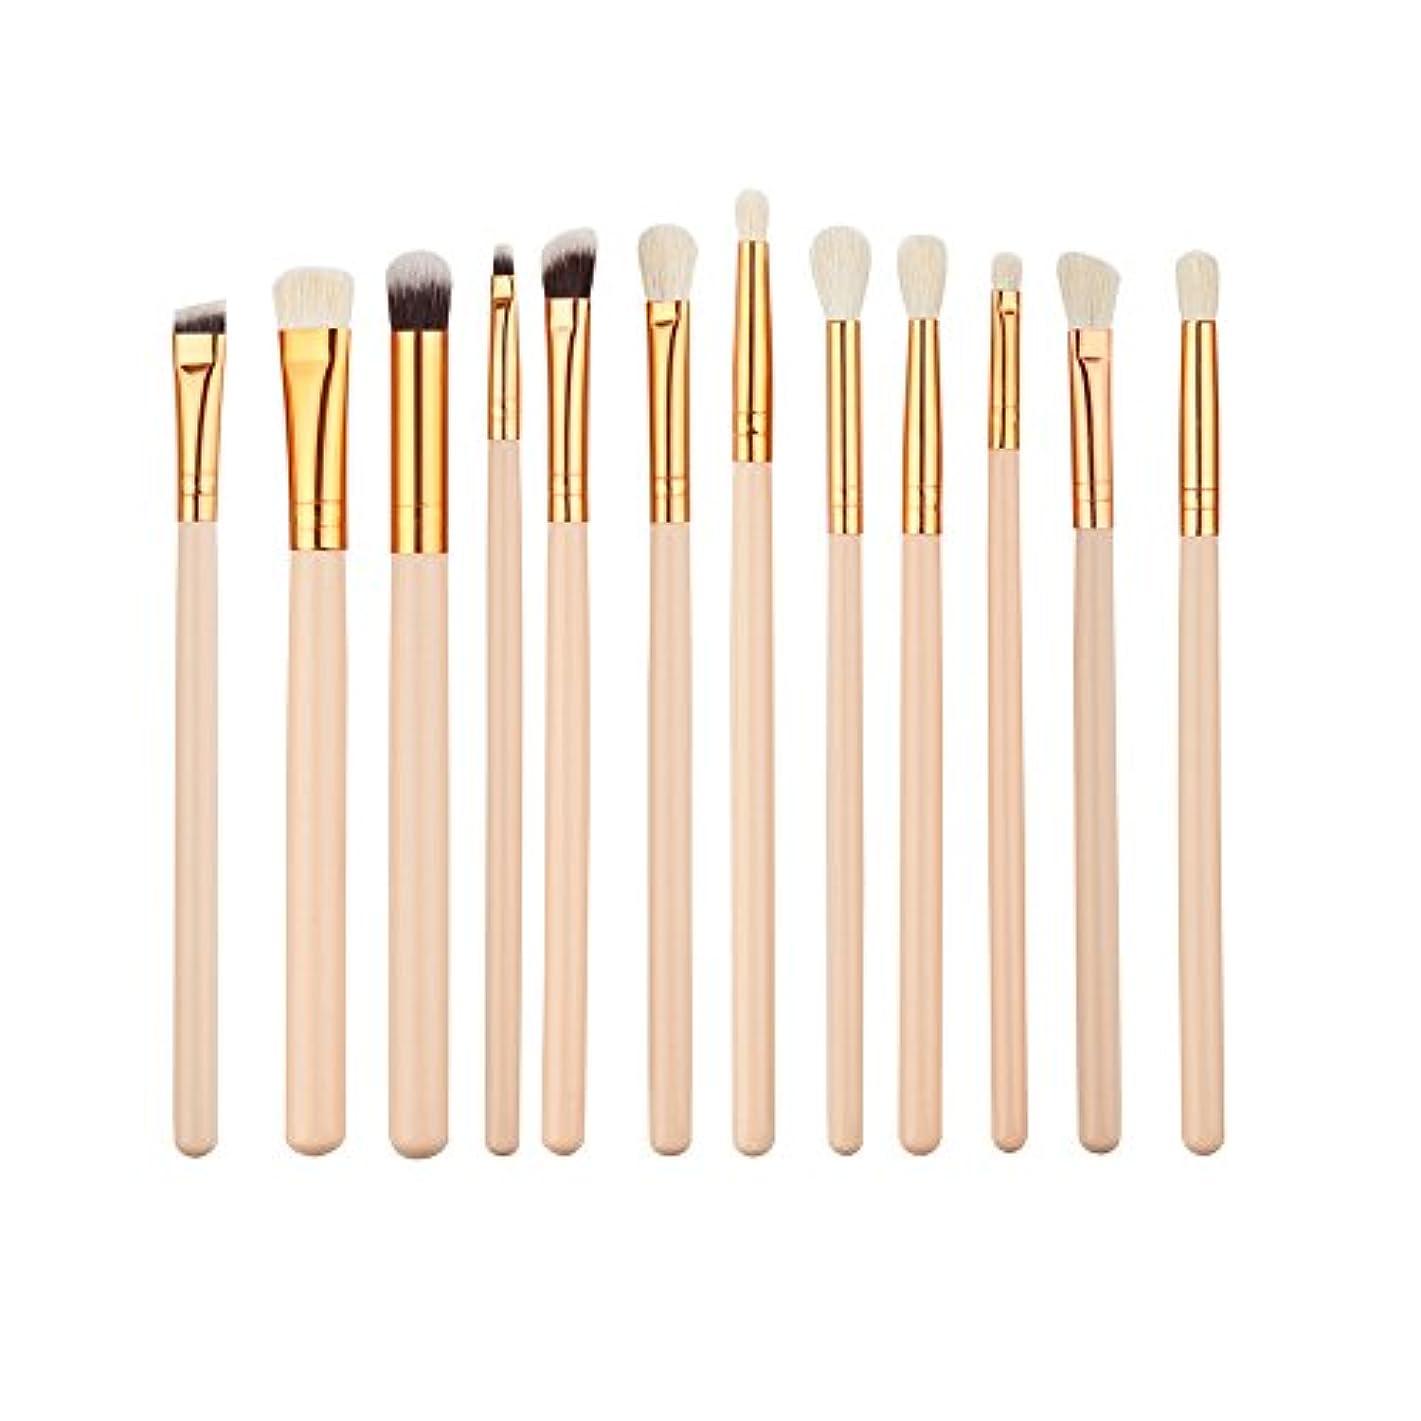 スリルガジュマル対処ELECOOL 12pcs Eye Makeup Brushes Kit Women Eyeshadow Powder Eyeliner Blending Brush Eye Shadow Brushes